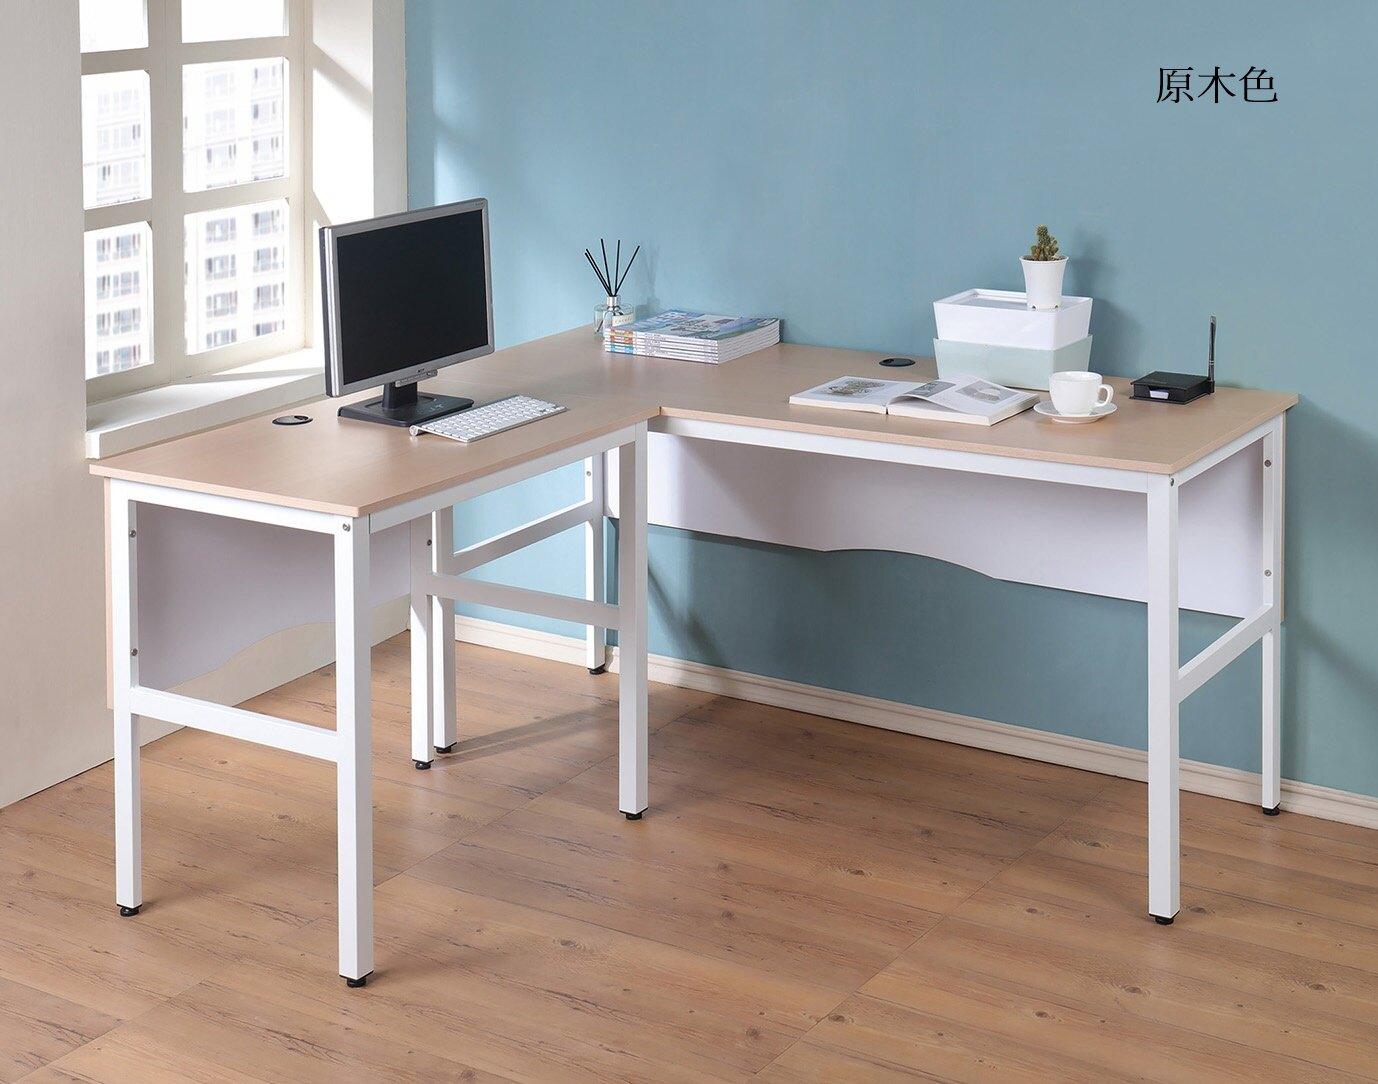 160環保低甲醛L型工作桌(附收線孔) 電腦桌 書桌 穩固不搖晃 台灣製作 可加購鍵盤架、抽屜